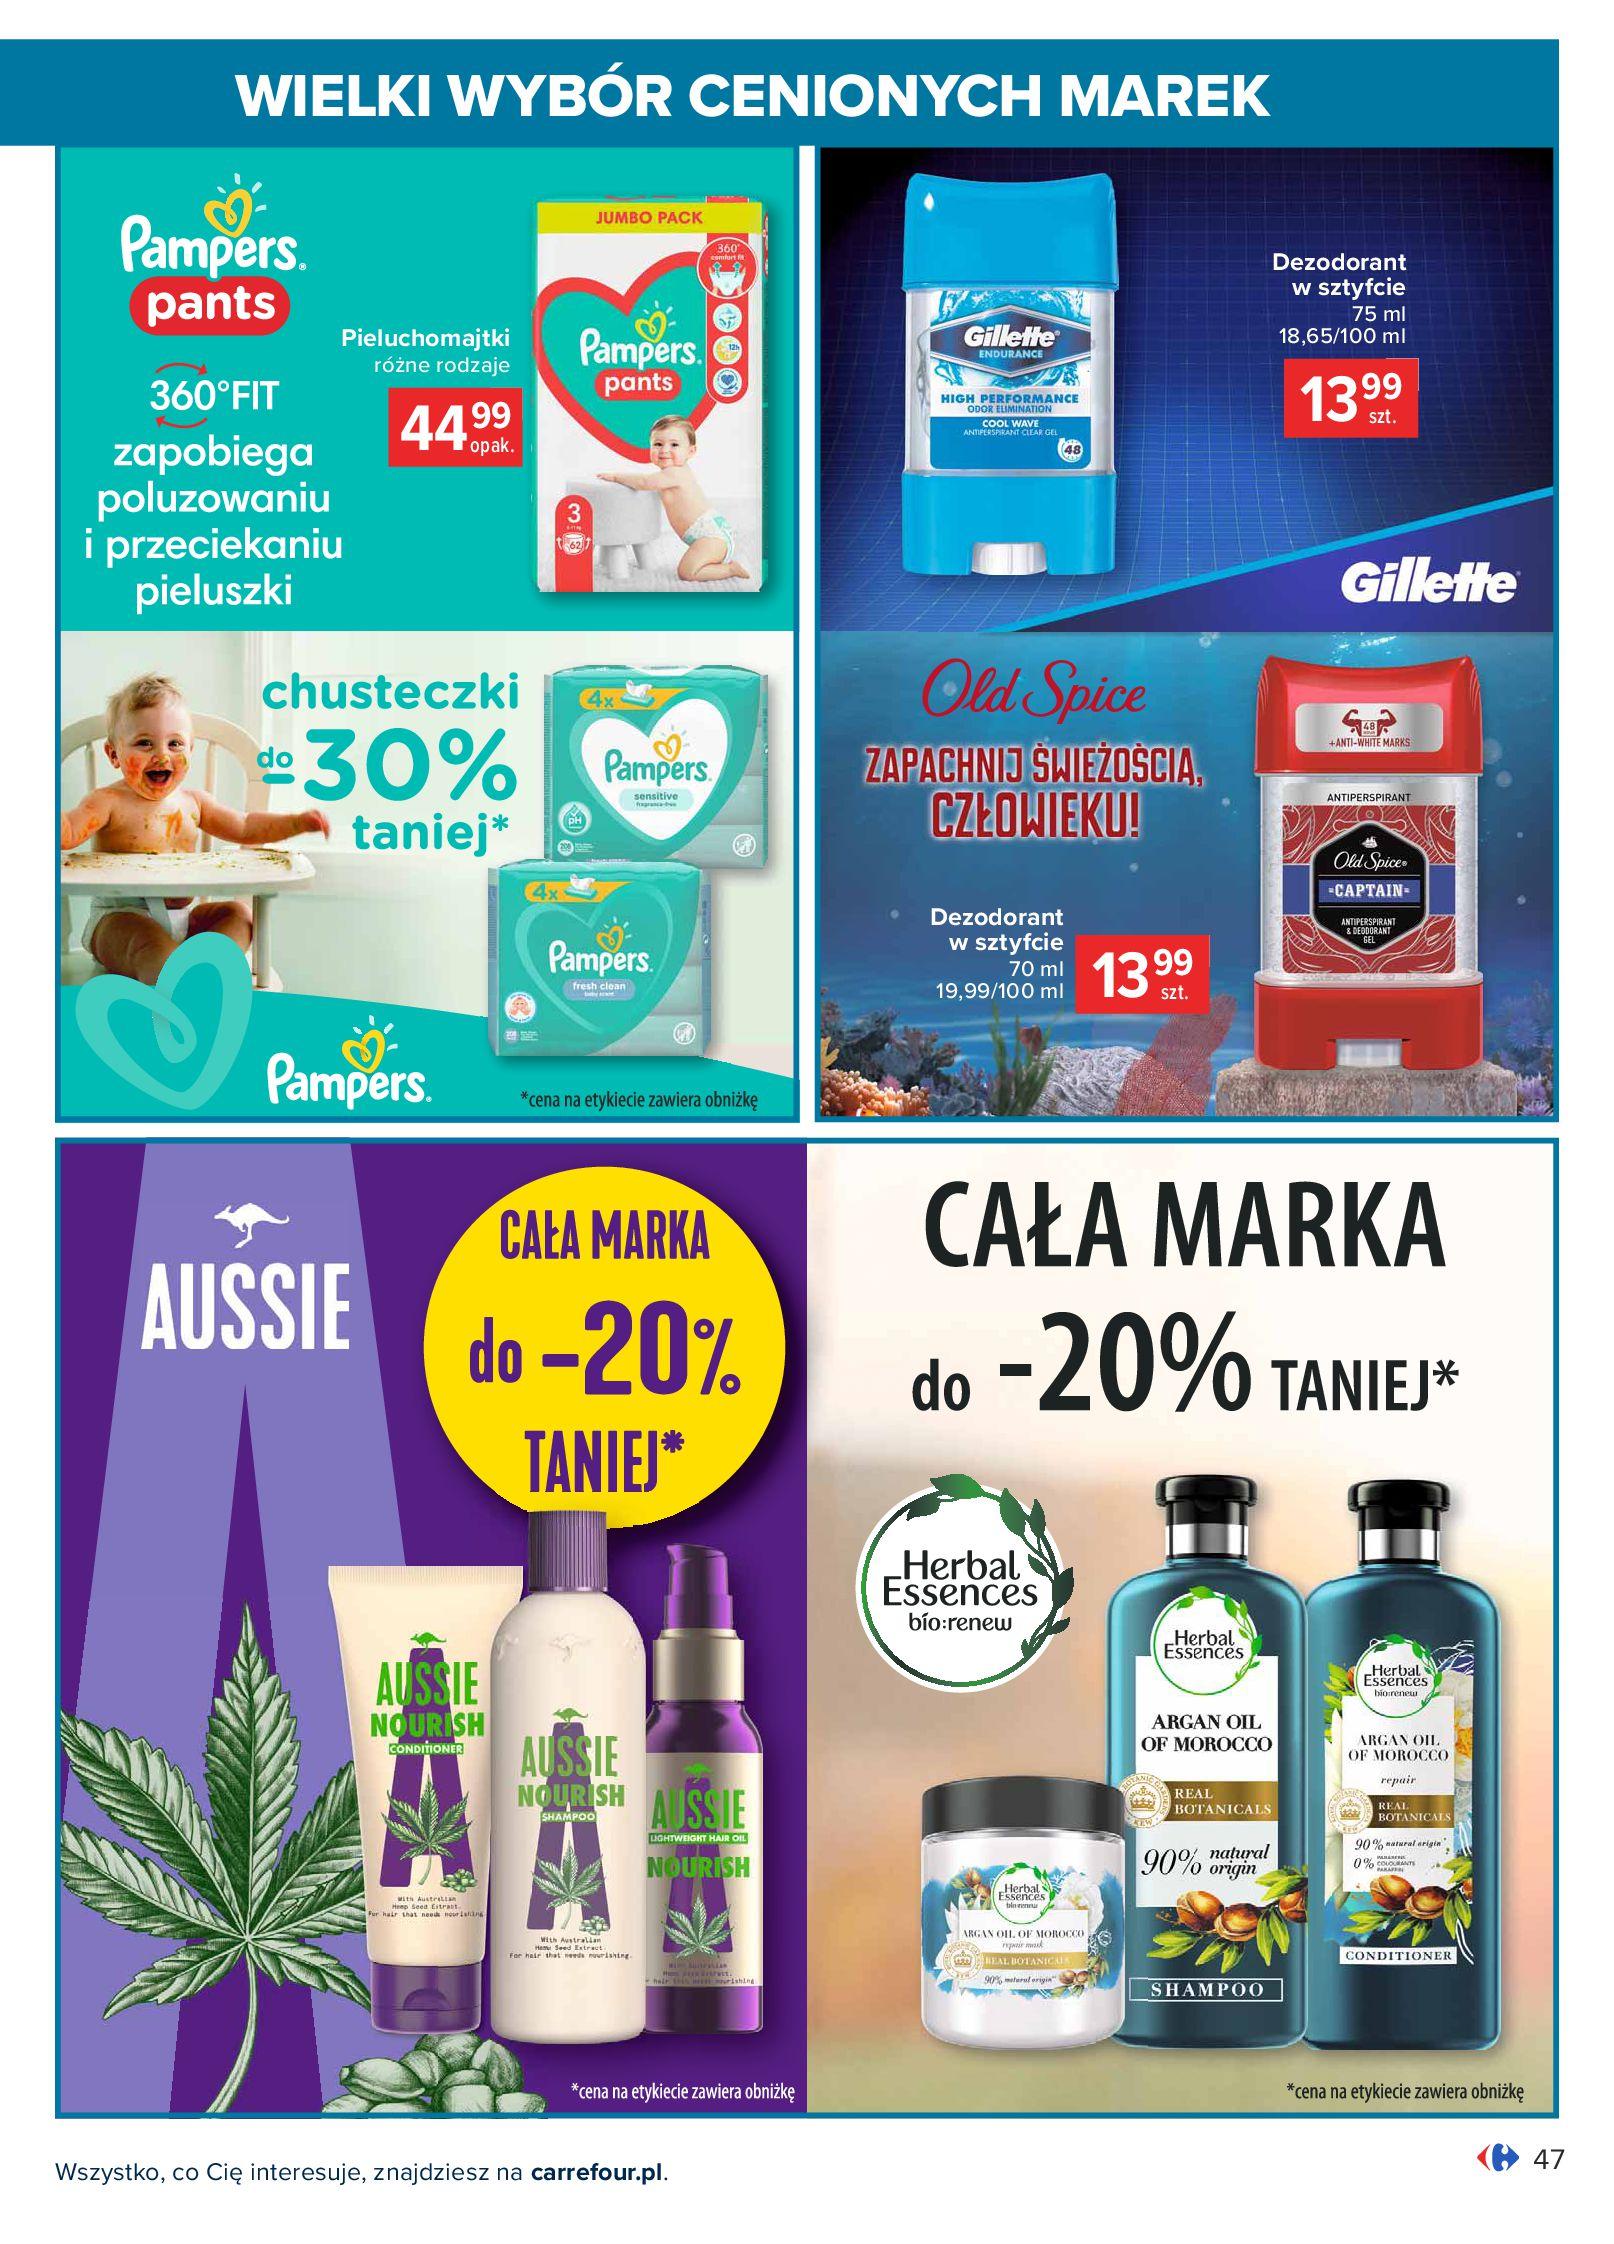 Gazetka Carrefour: Wielki wybór cenionych marek 2021-05-04 page-47